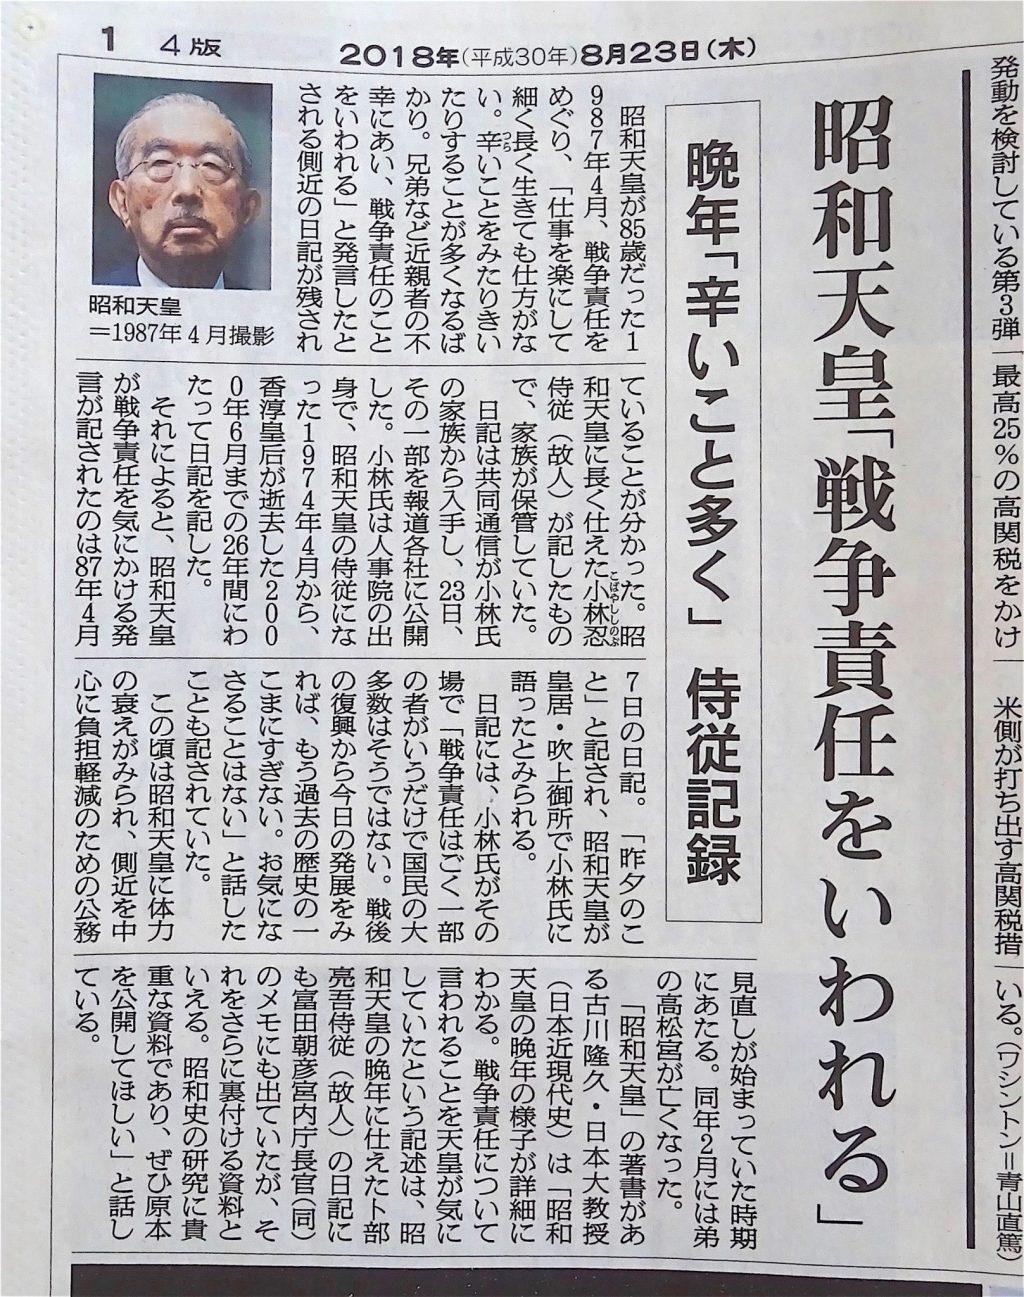 昭和天皇・戦争責任問題